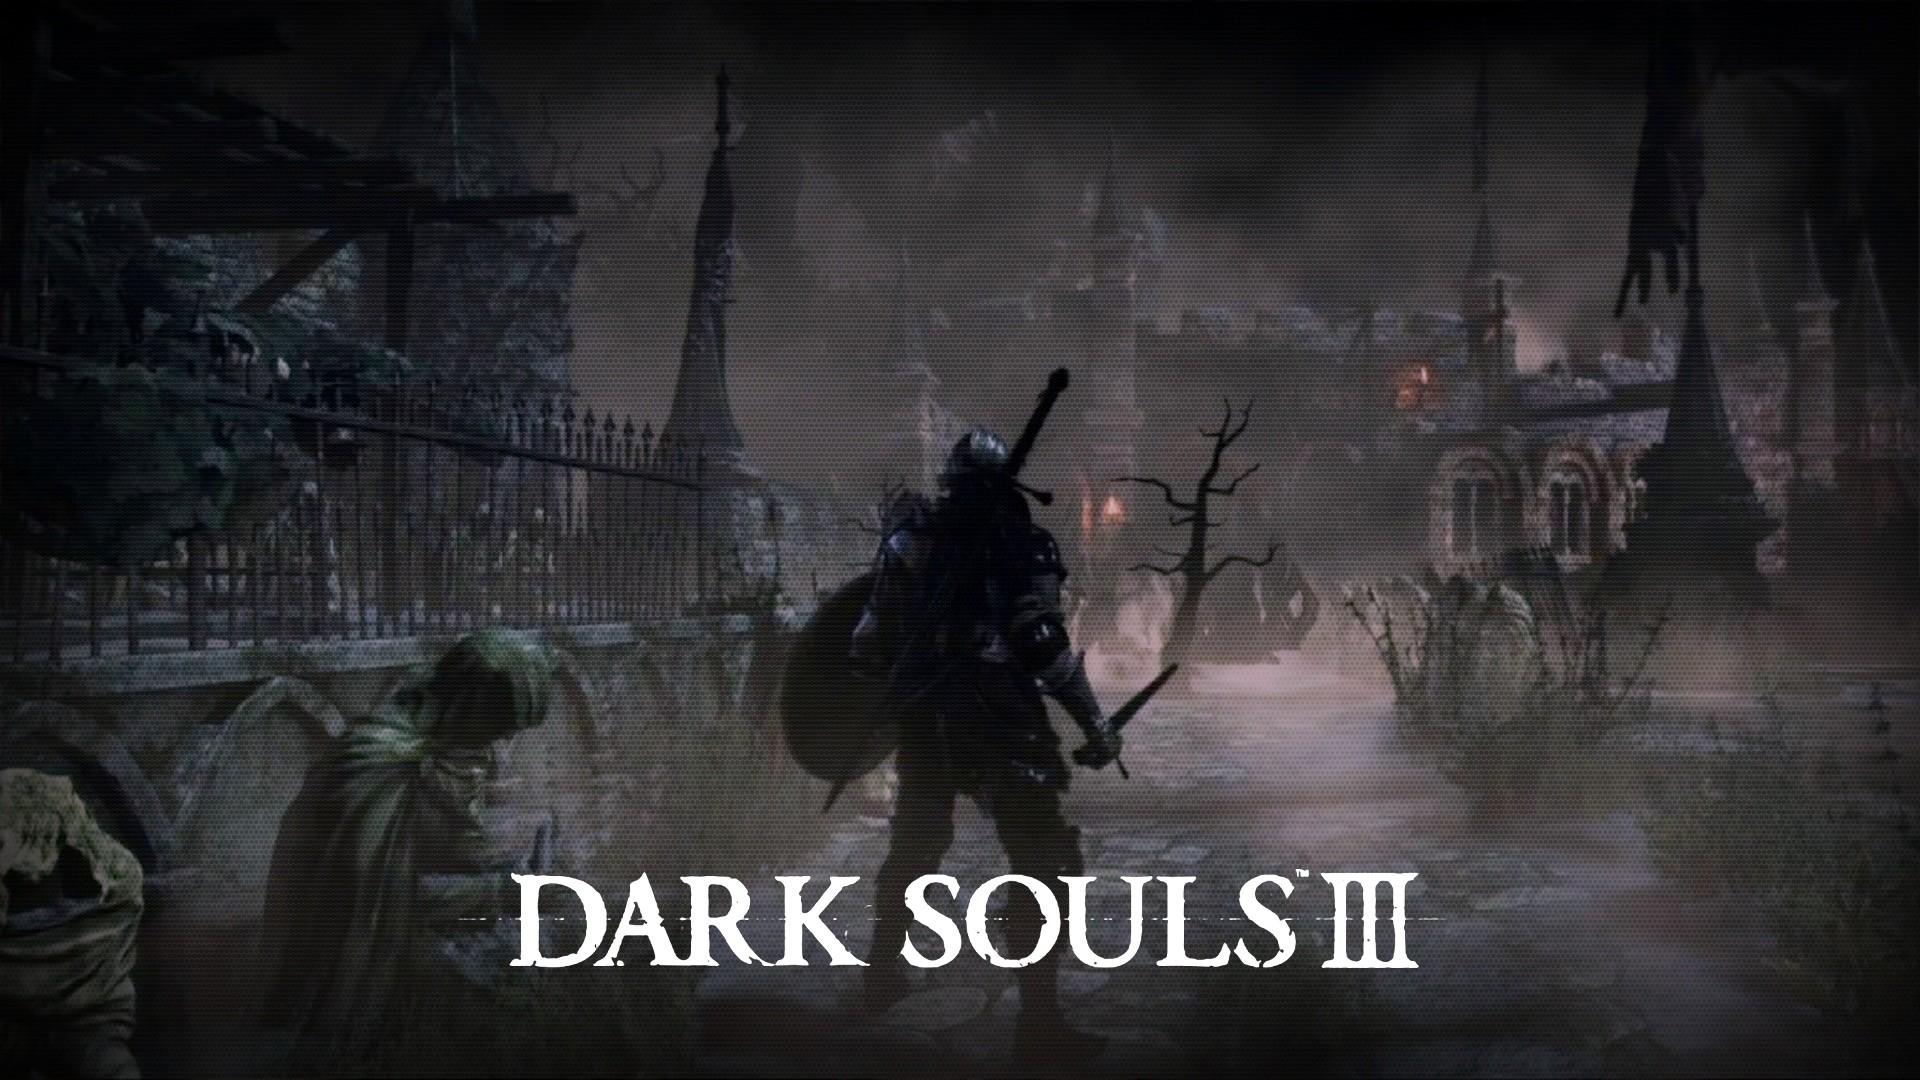 … Dark Souls III Wallpaper 2 by DrAlucard